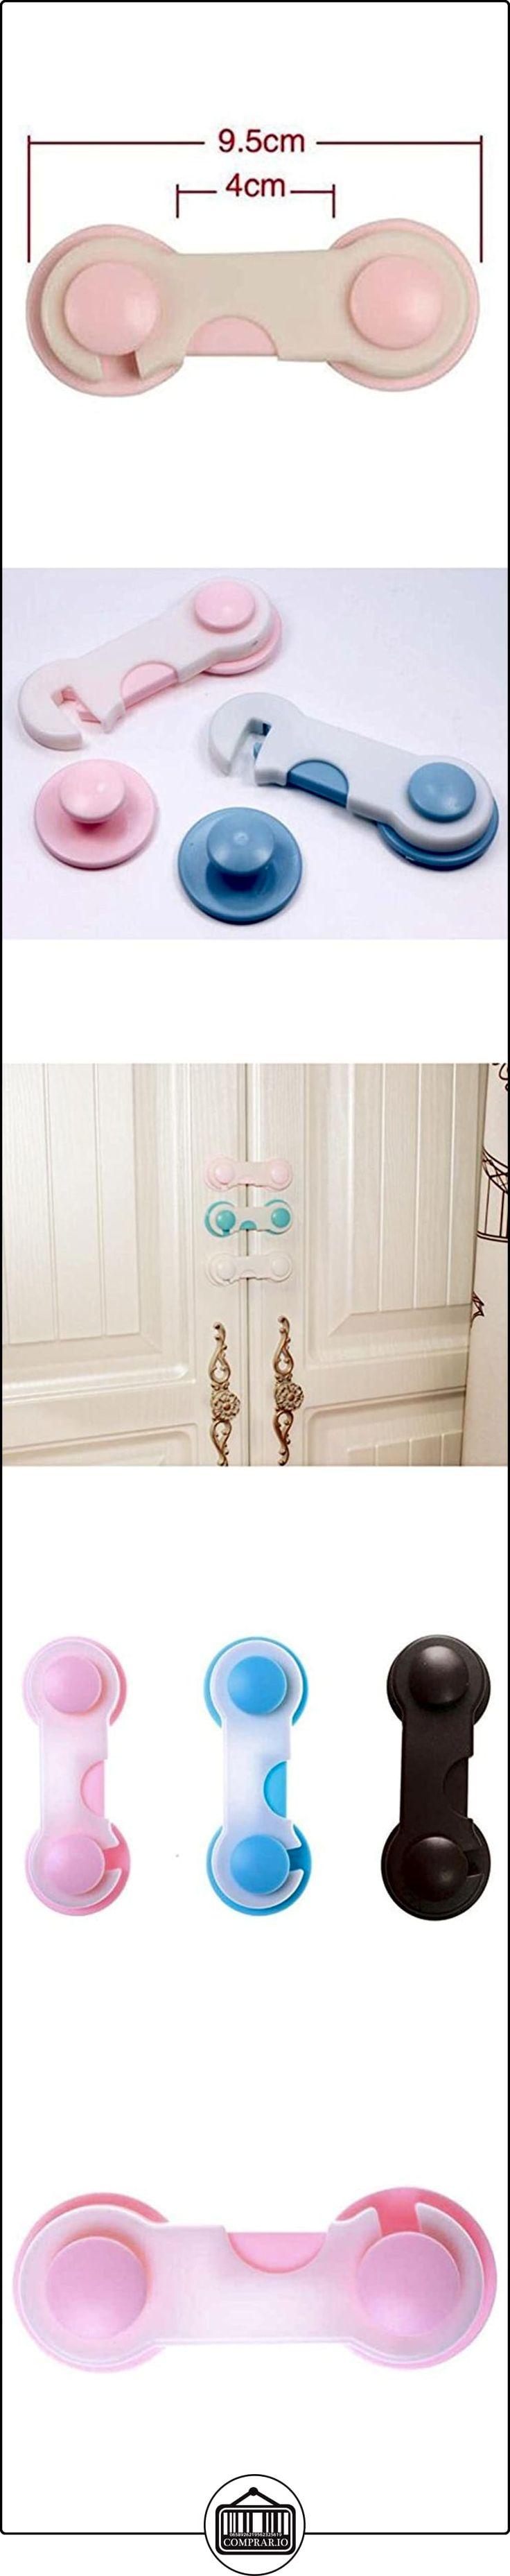 Highdas Gabinete Cajón Refrigerador Frigorífico Armario Adhesivo Cerraduras Seguras Bebé Prueba Clip Pestillos Rosa 3 Packs  ✿ Seguridad para tu bebé - (Protege a tus hijos) ✿ ▬► Ver oferta: http://comprar.io/goto/B01N4M2DIM